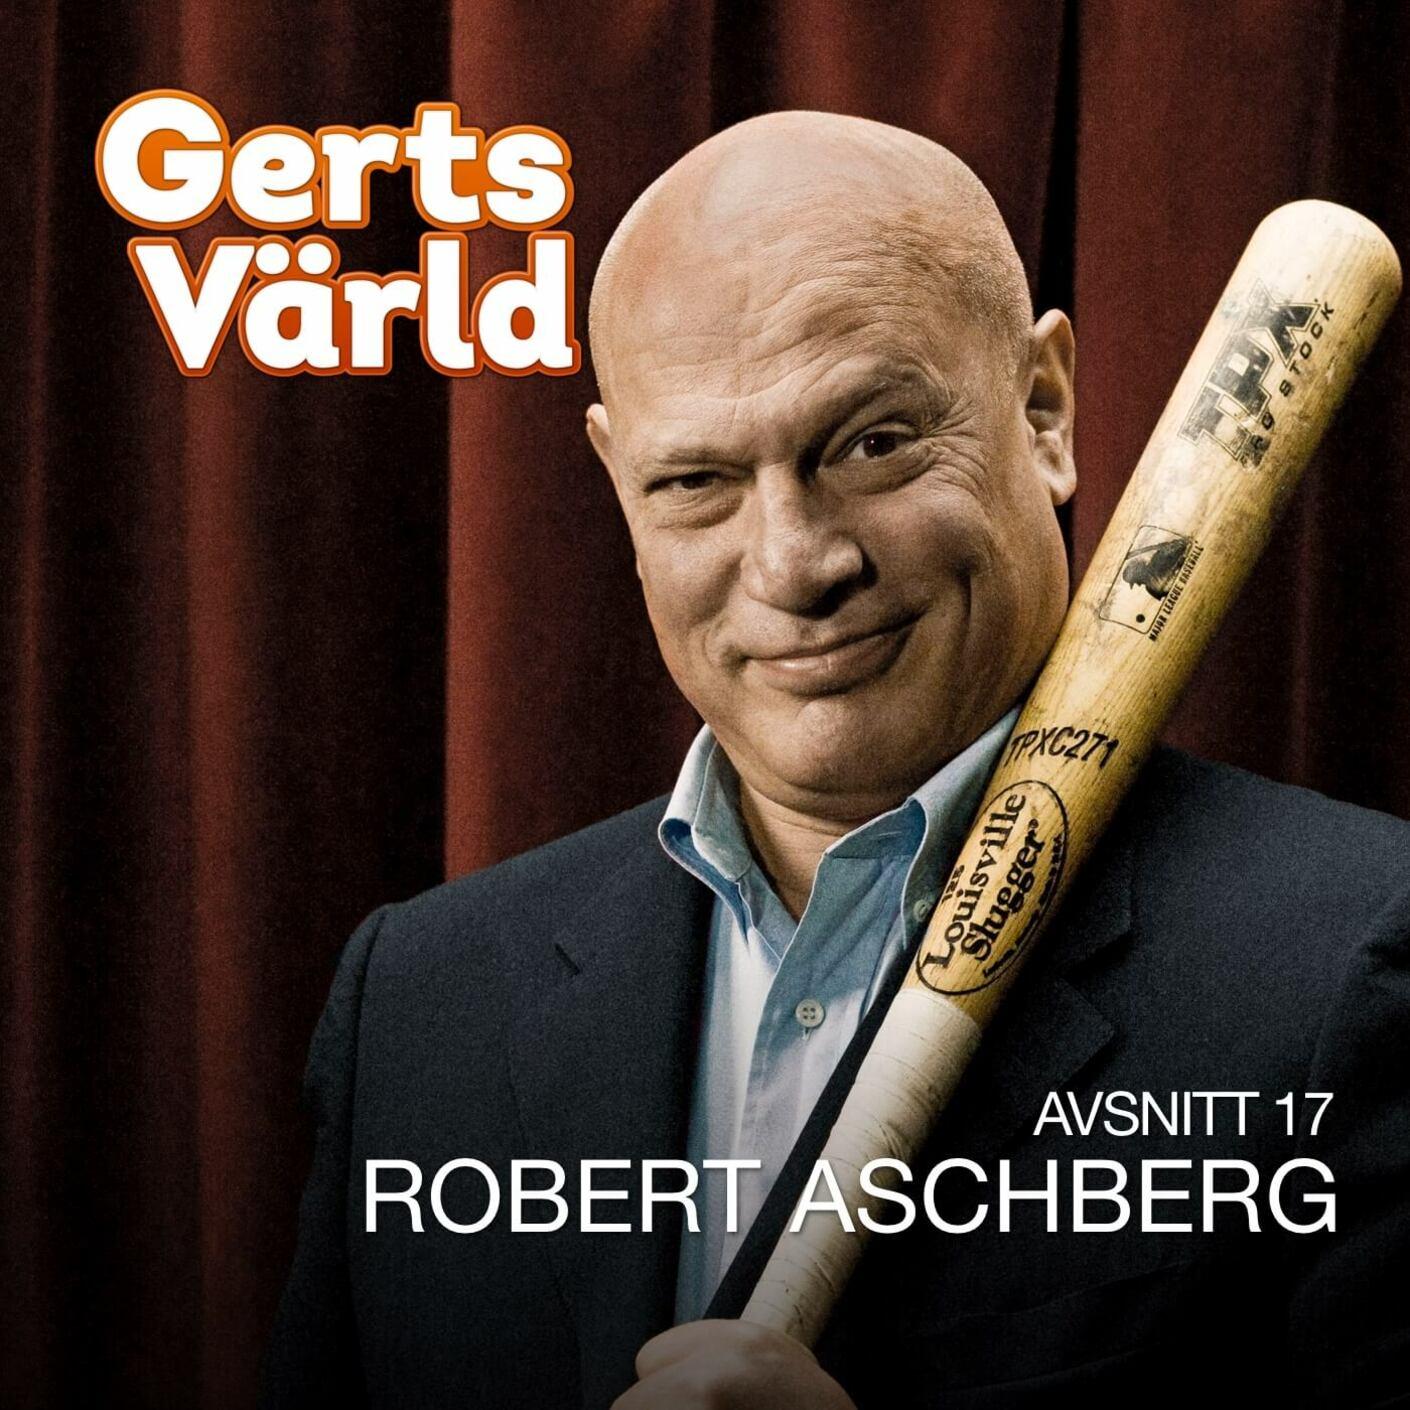 17. Robert Aschberg